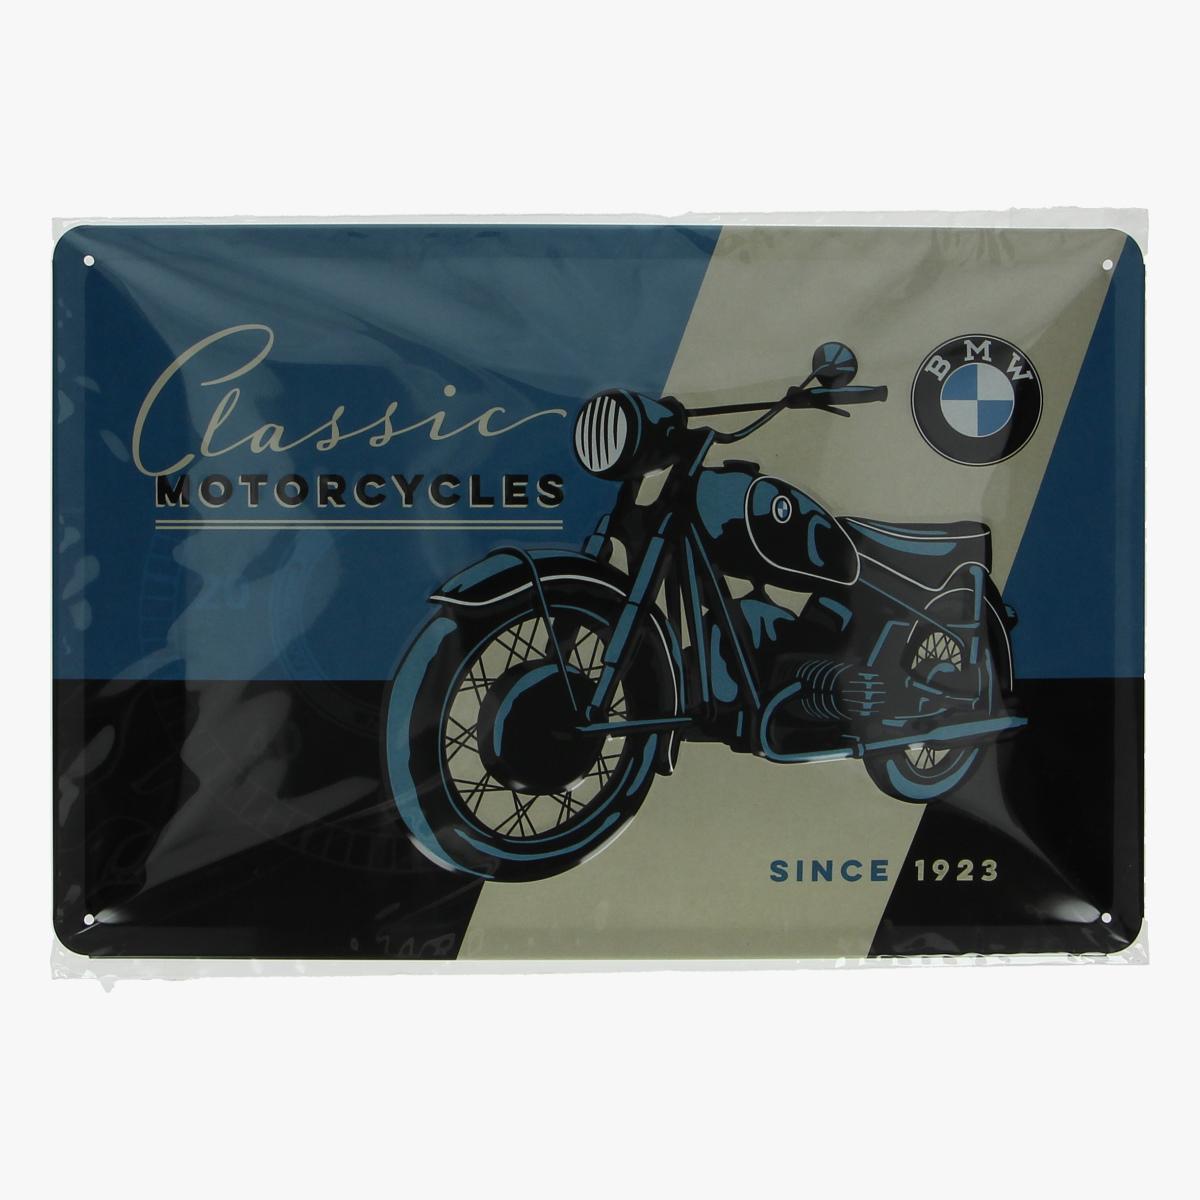 Afbeeldingen van blikken bordje BMW Classic motorcycles geseald repro